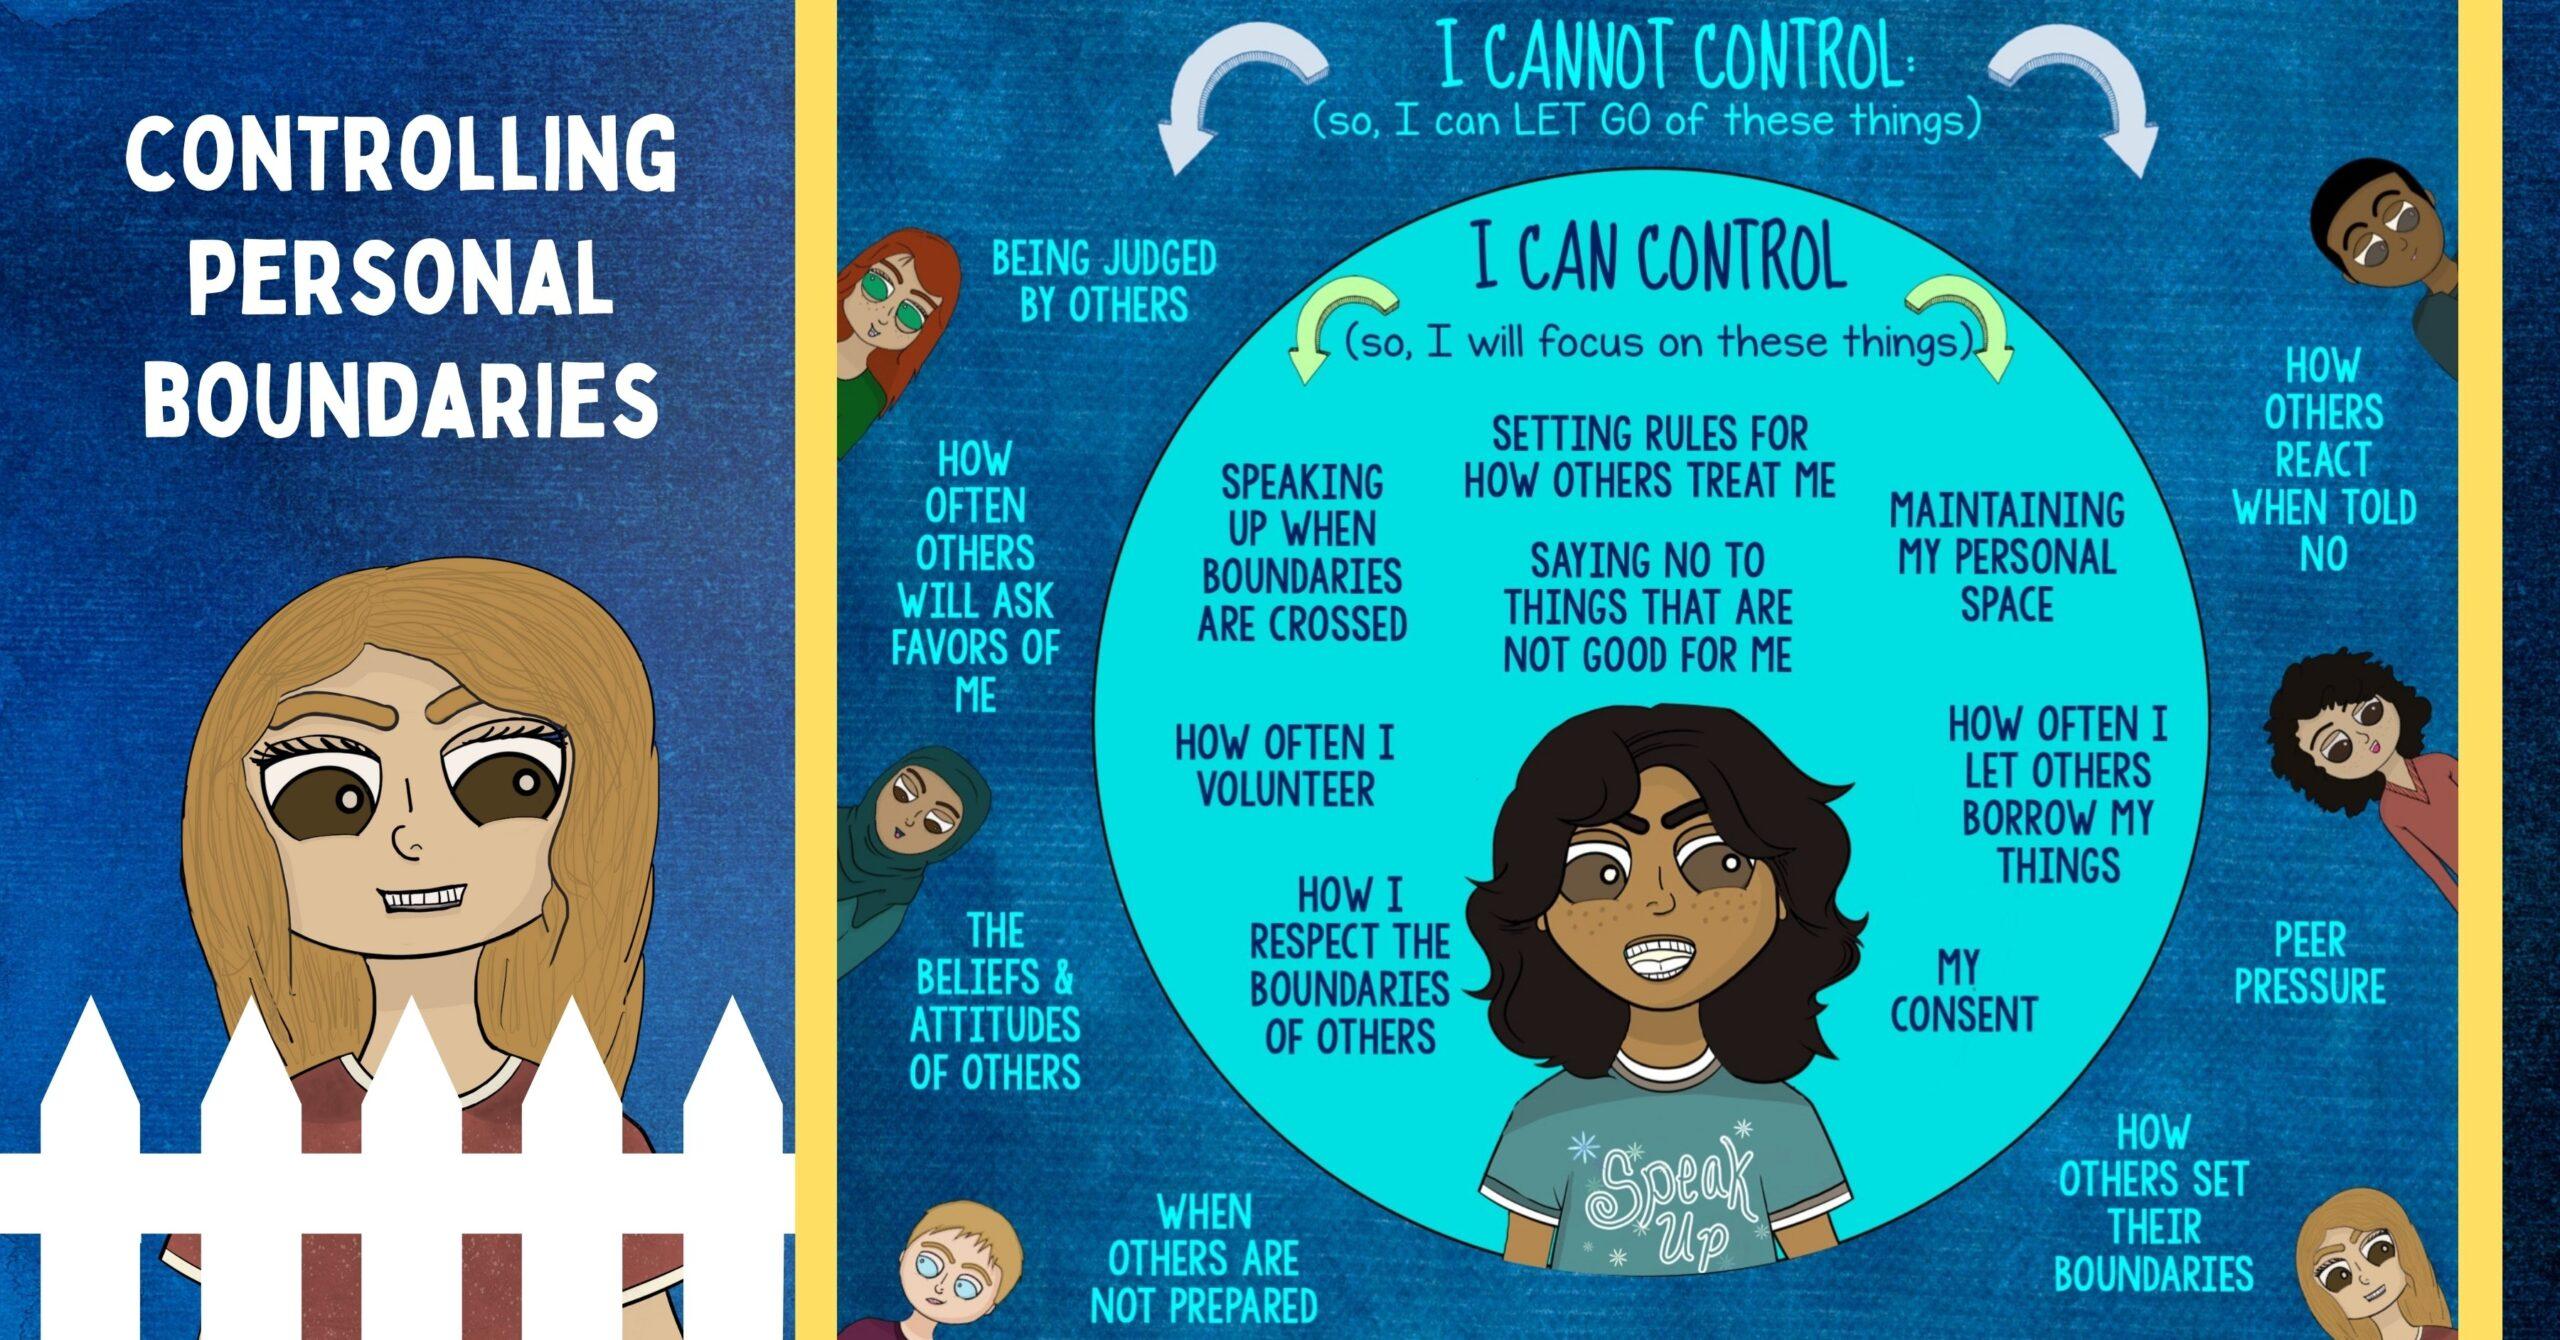 controlling personal boundaries